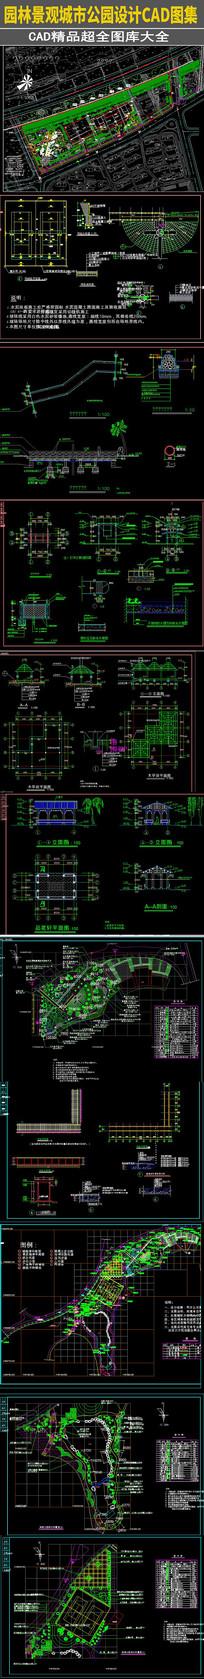 园林景观休闲广场公园设计CAD图集